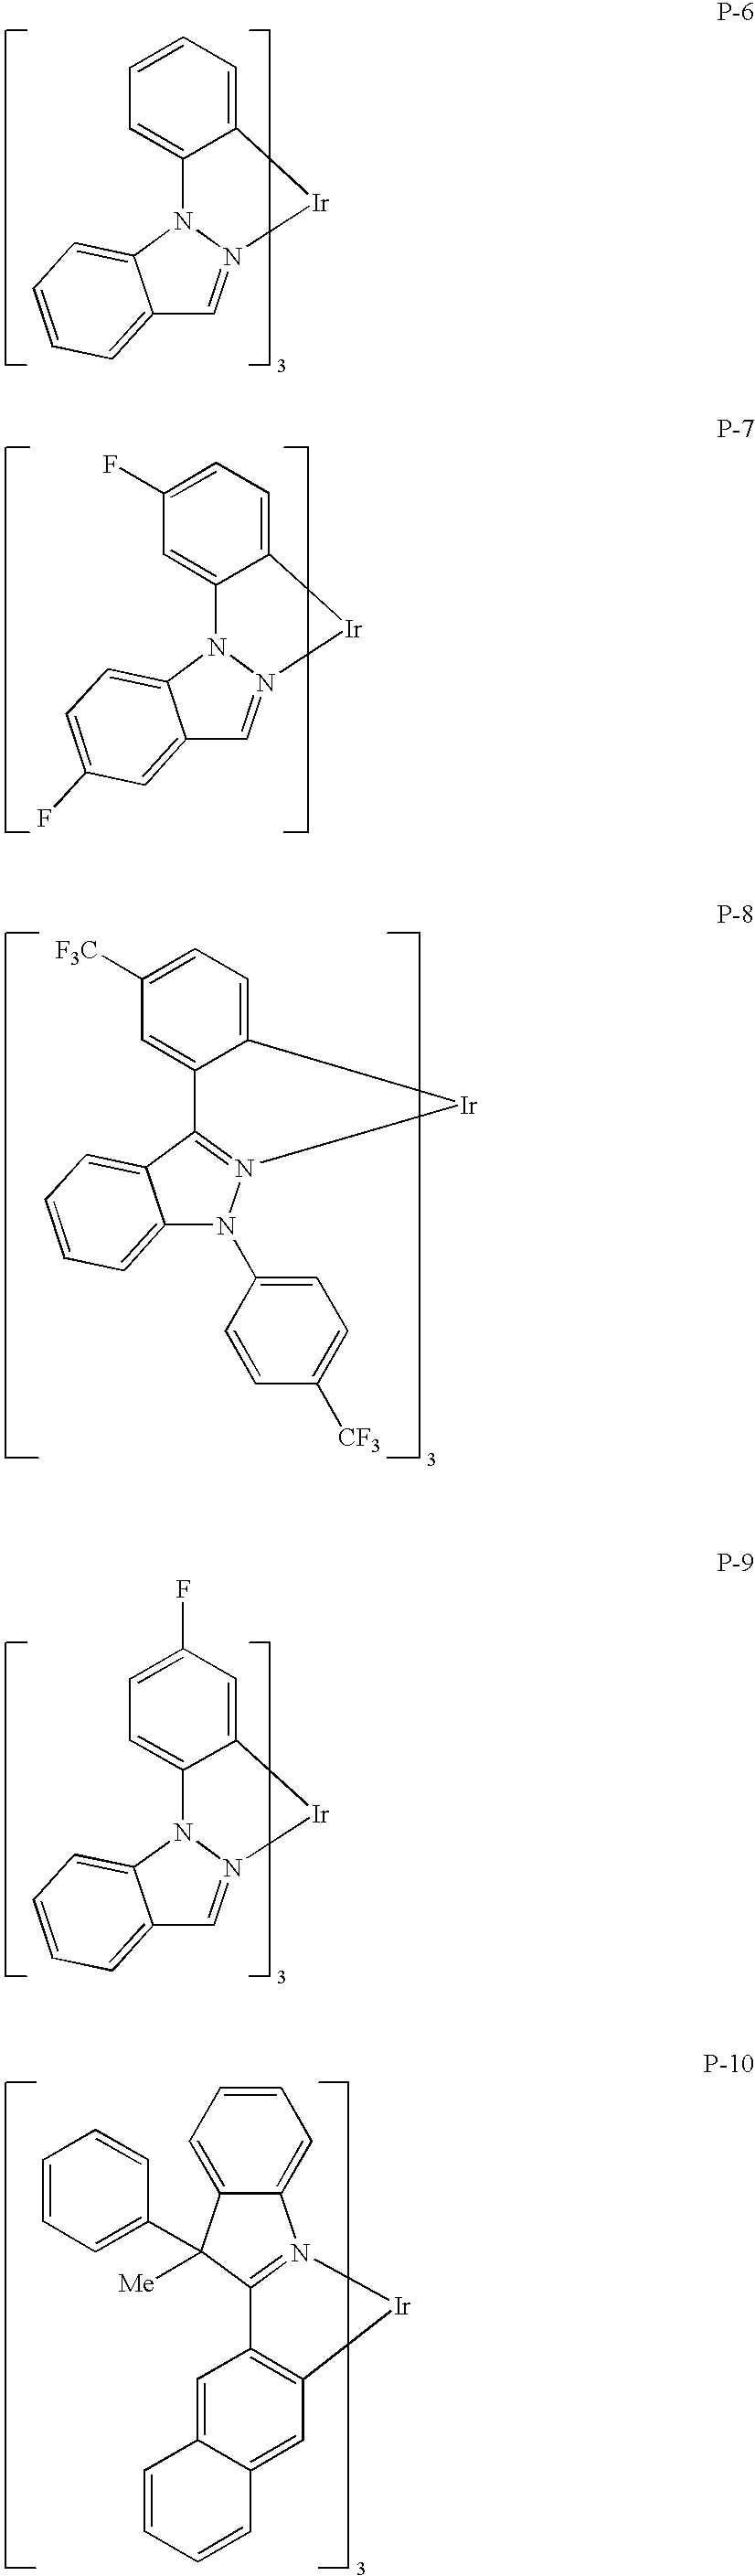 Figure US20090191427A1-20090730-C00049